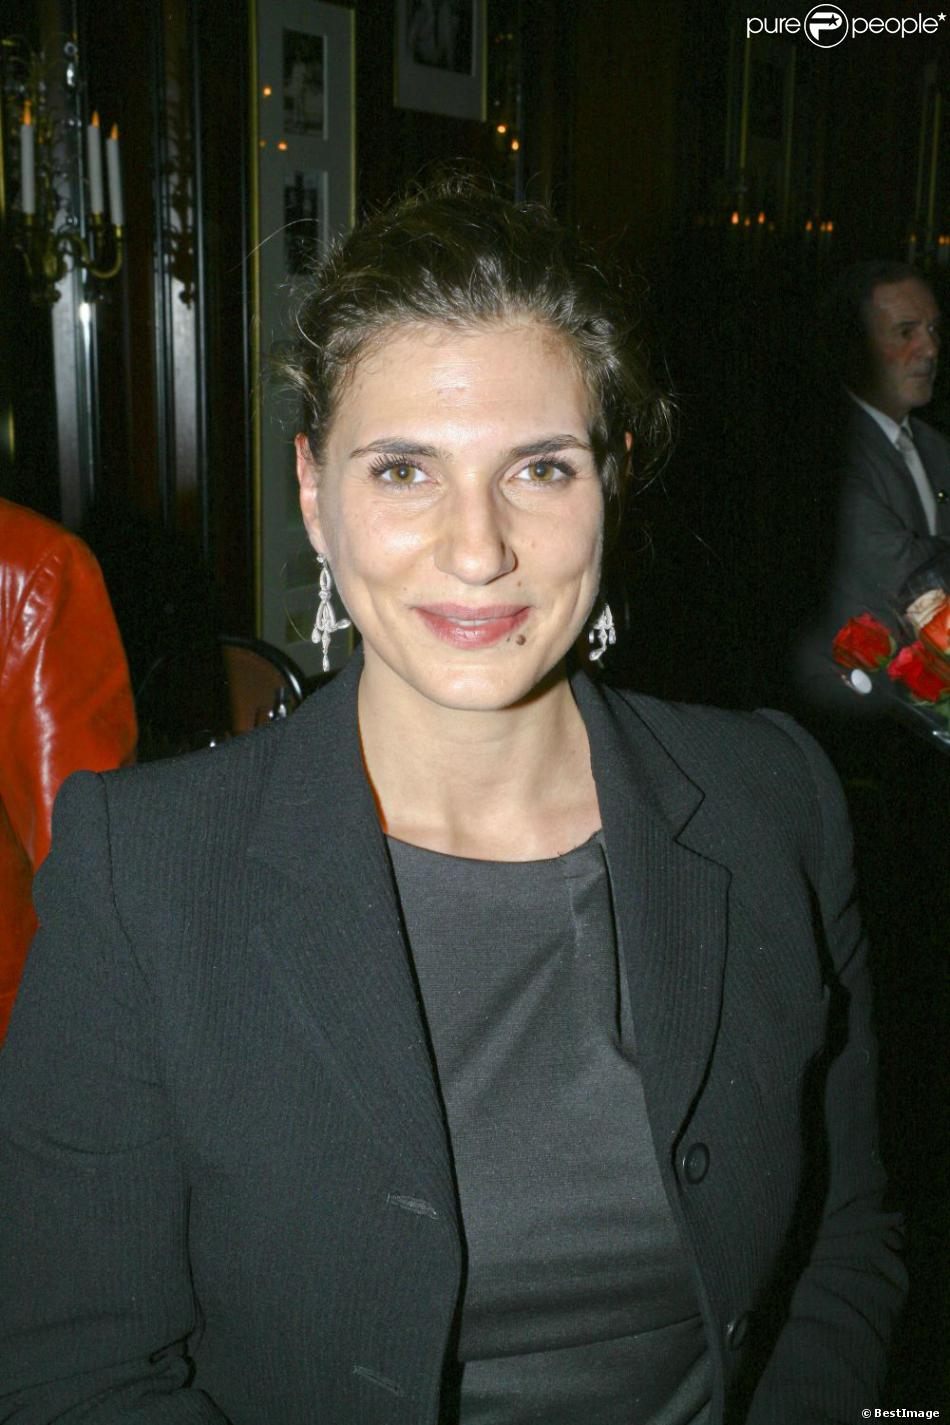 Emmanuelle Galabru lors de la soirée caritative au profit de l'association Soleil d'Enfance, au Fouquet's à Paris le 26 novembre 2012